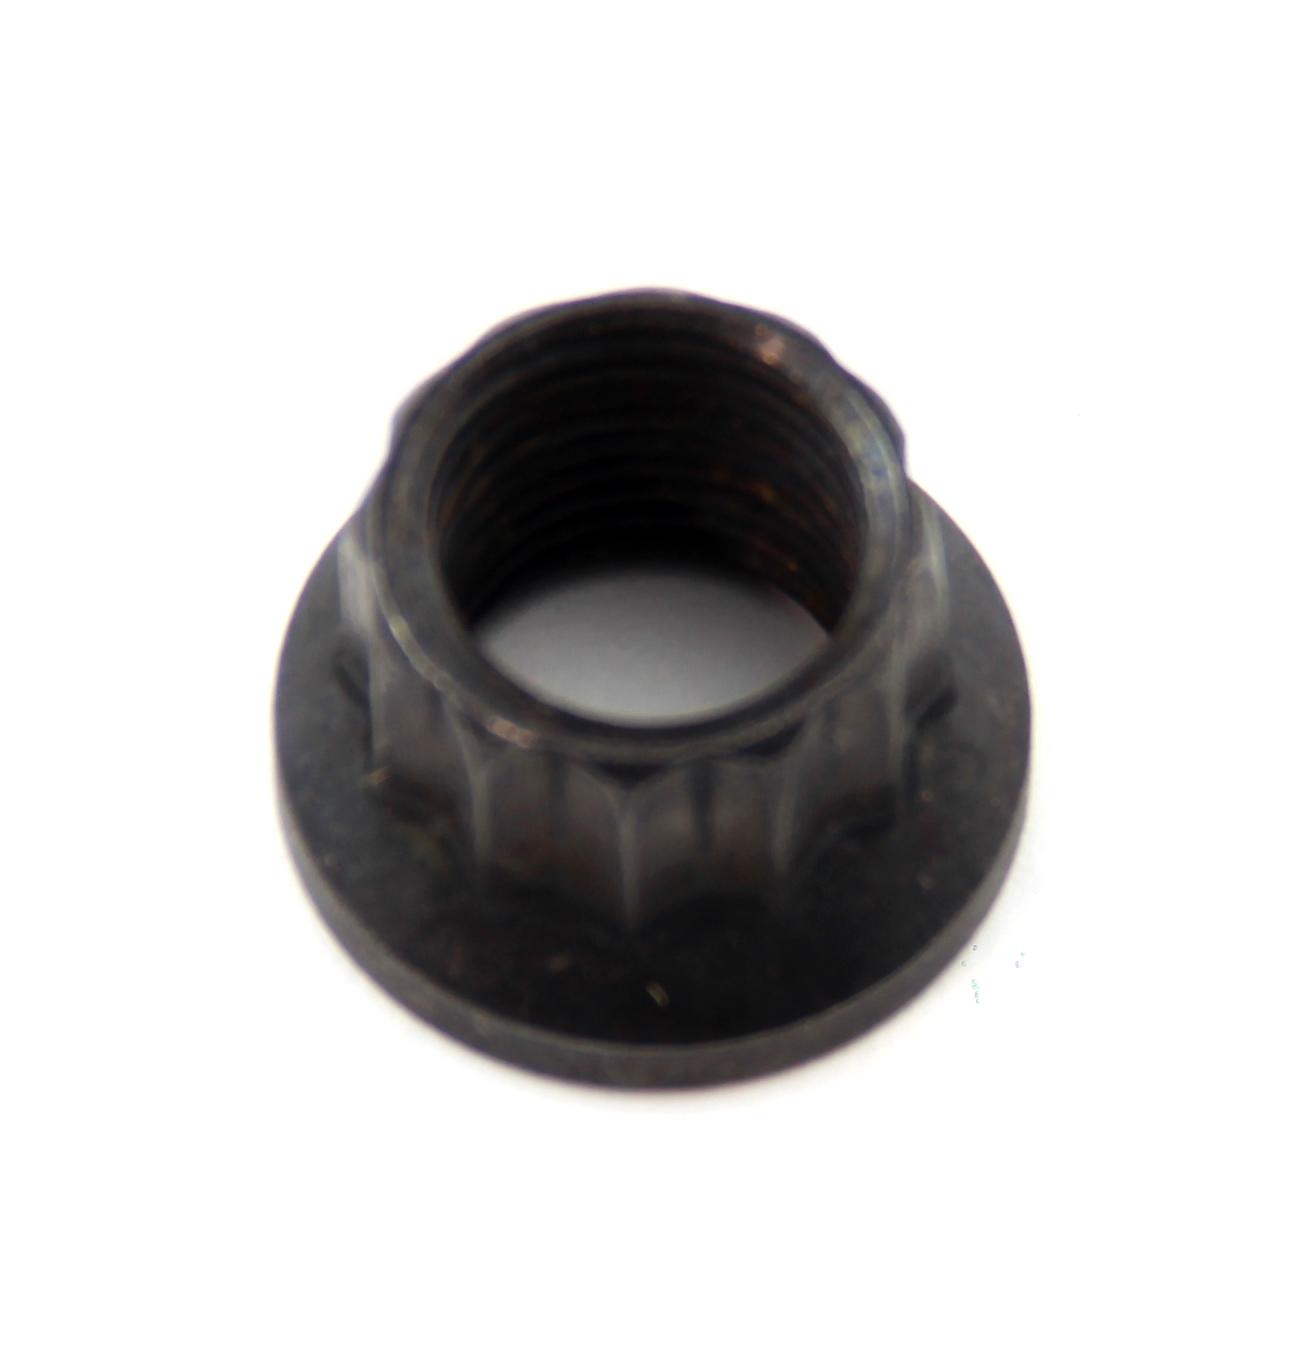 """3/8"""" x 16 Unc Black Oxide 12 Point Hex Nut"""